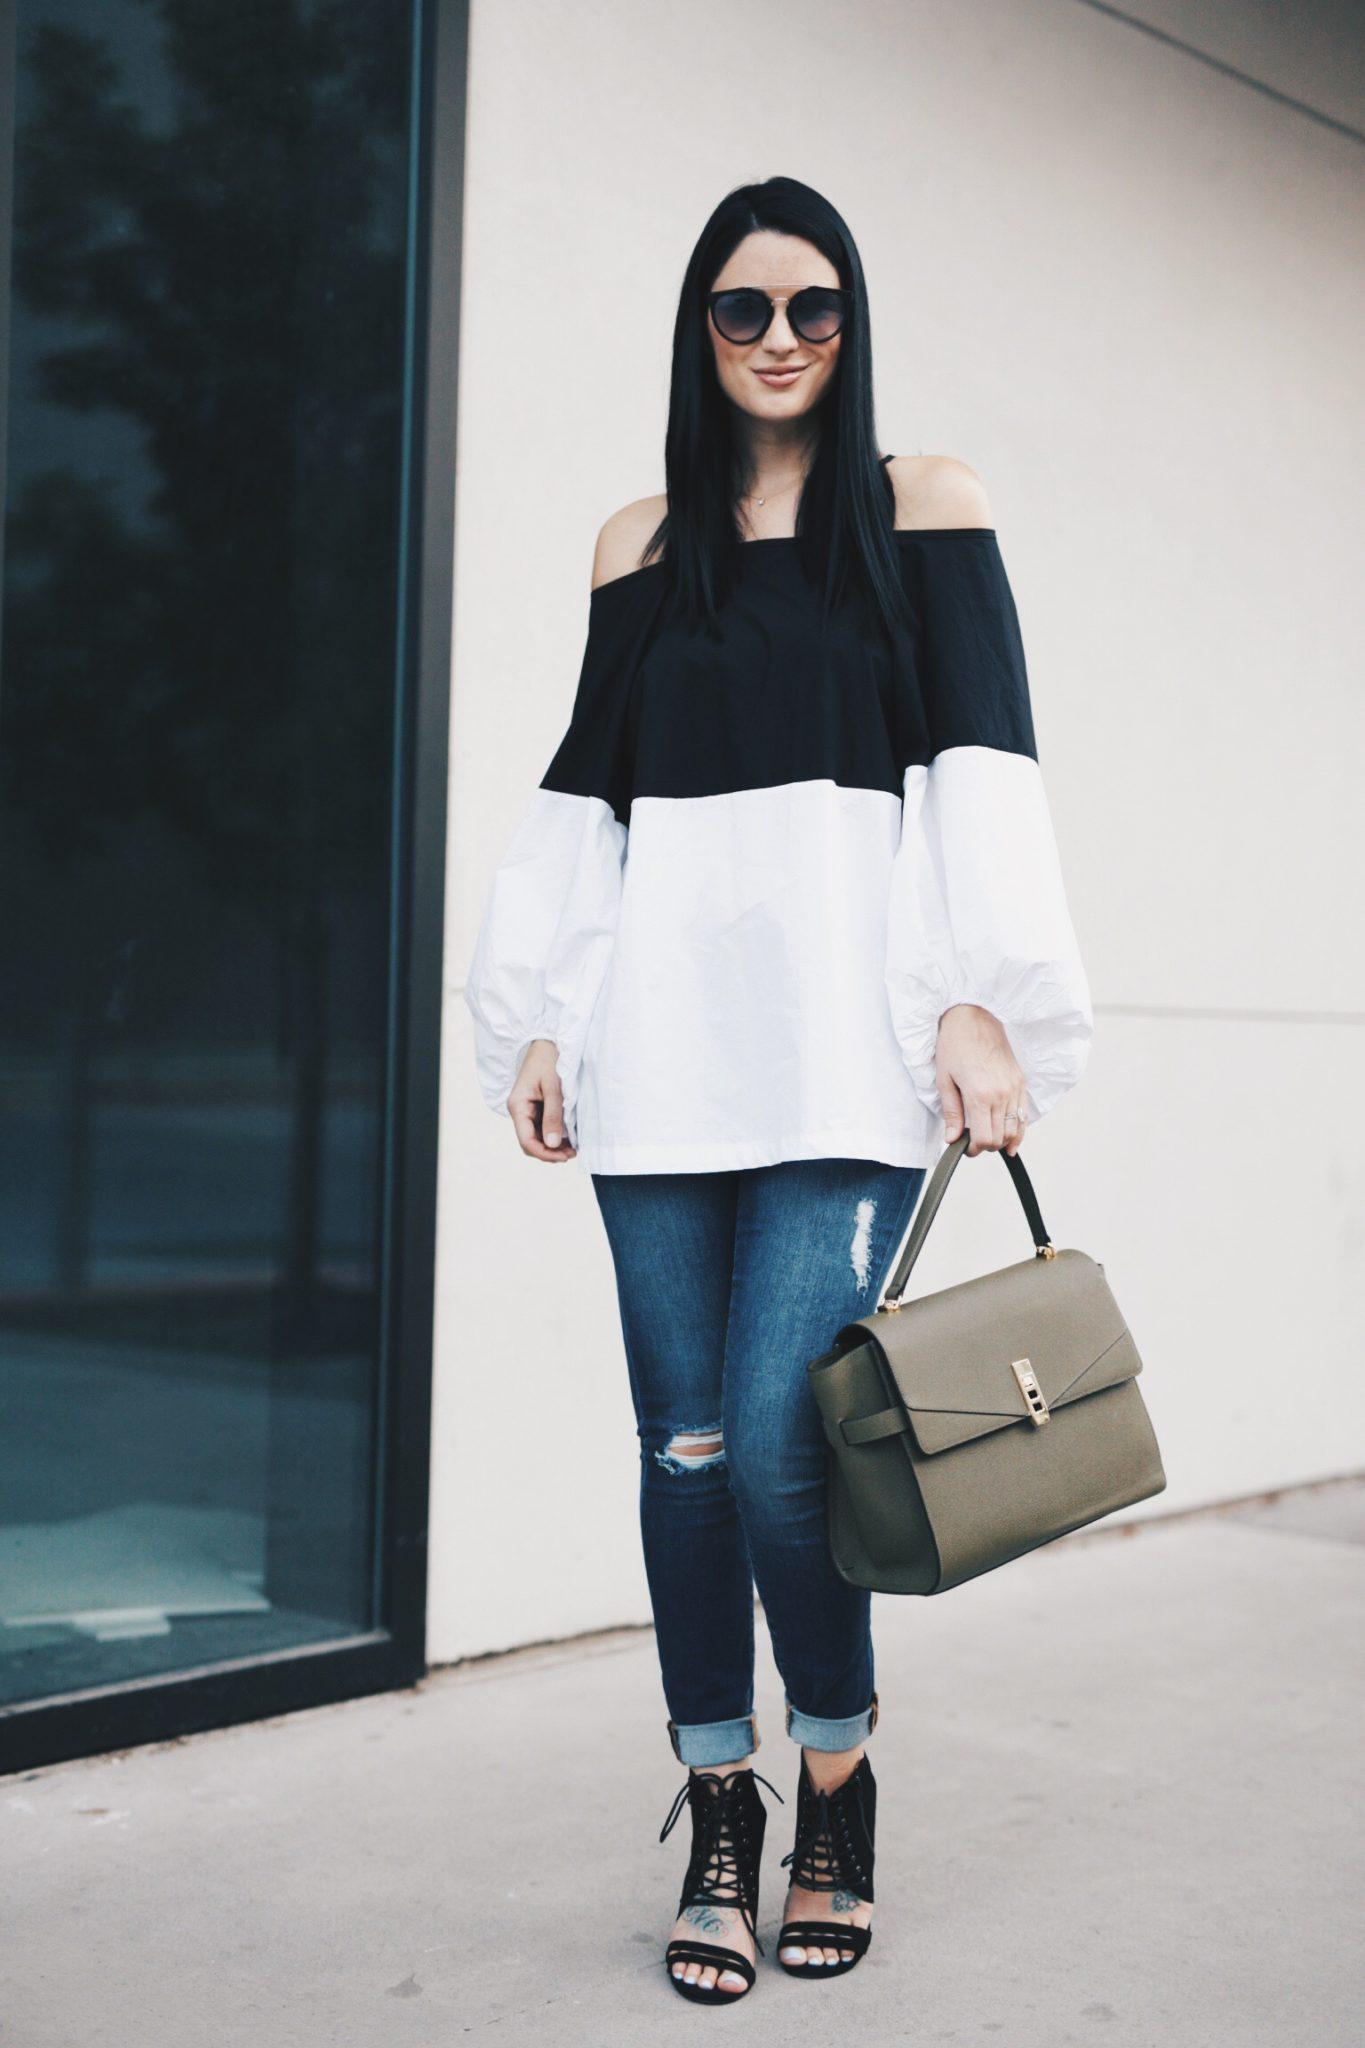 Olive Henri Bendel Bag, Black and White Top, Jeans